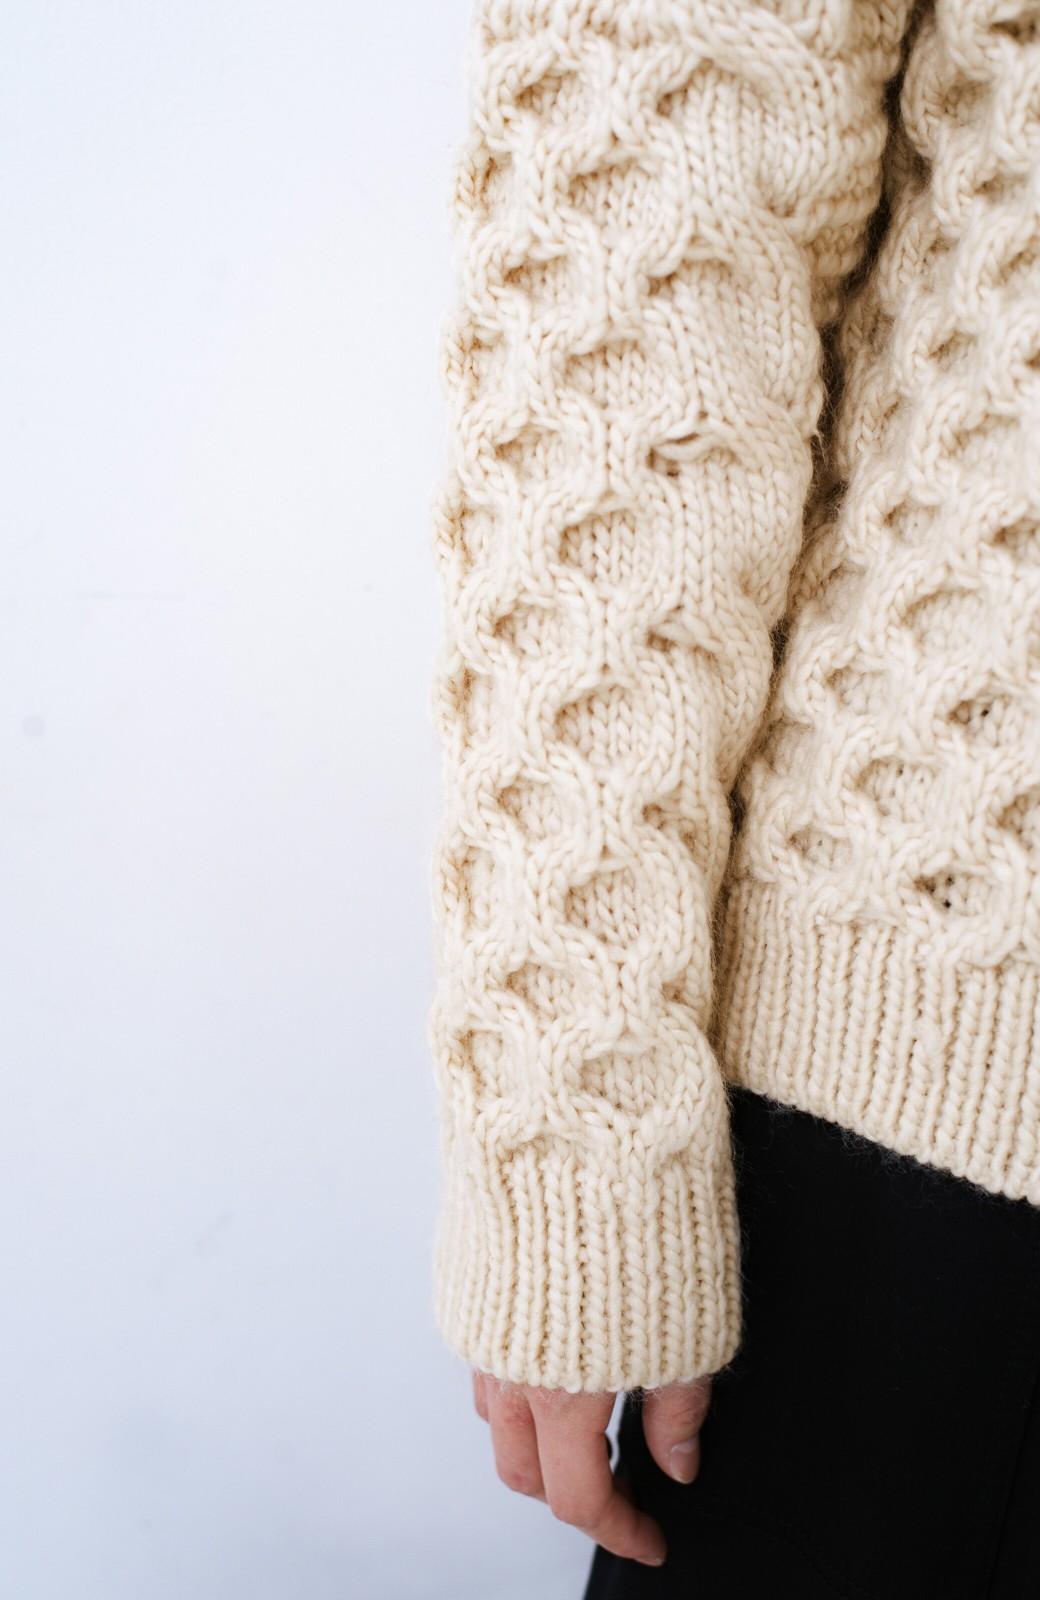 haco! 古着っぽい雰囲気がこなれたパネル編みケーブルニット <アイボリー>の商品写真5